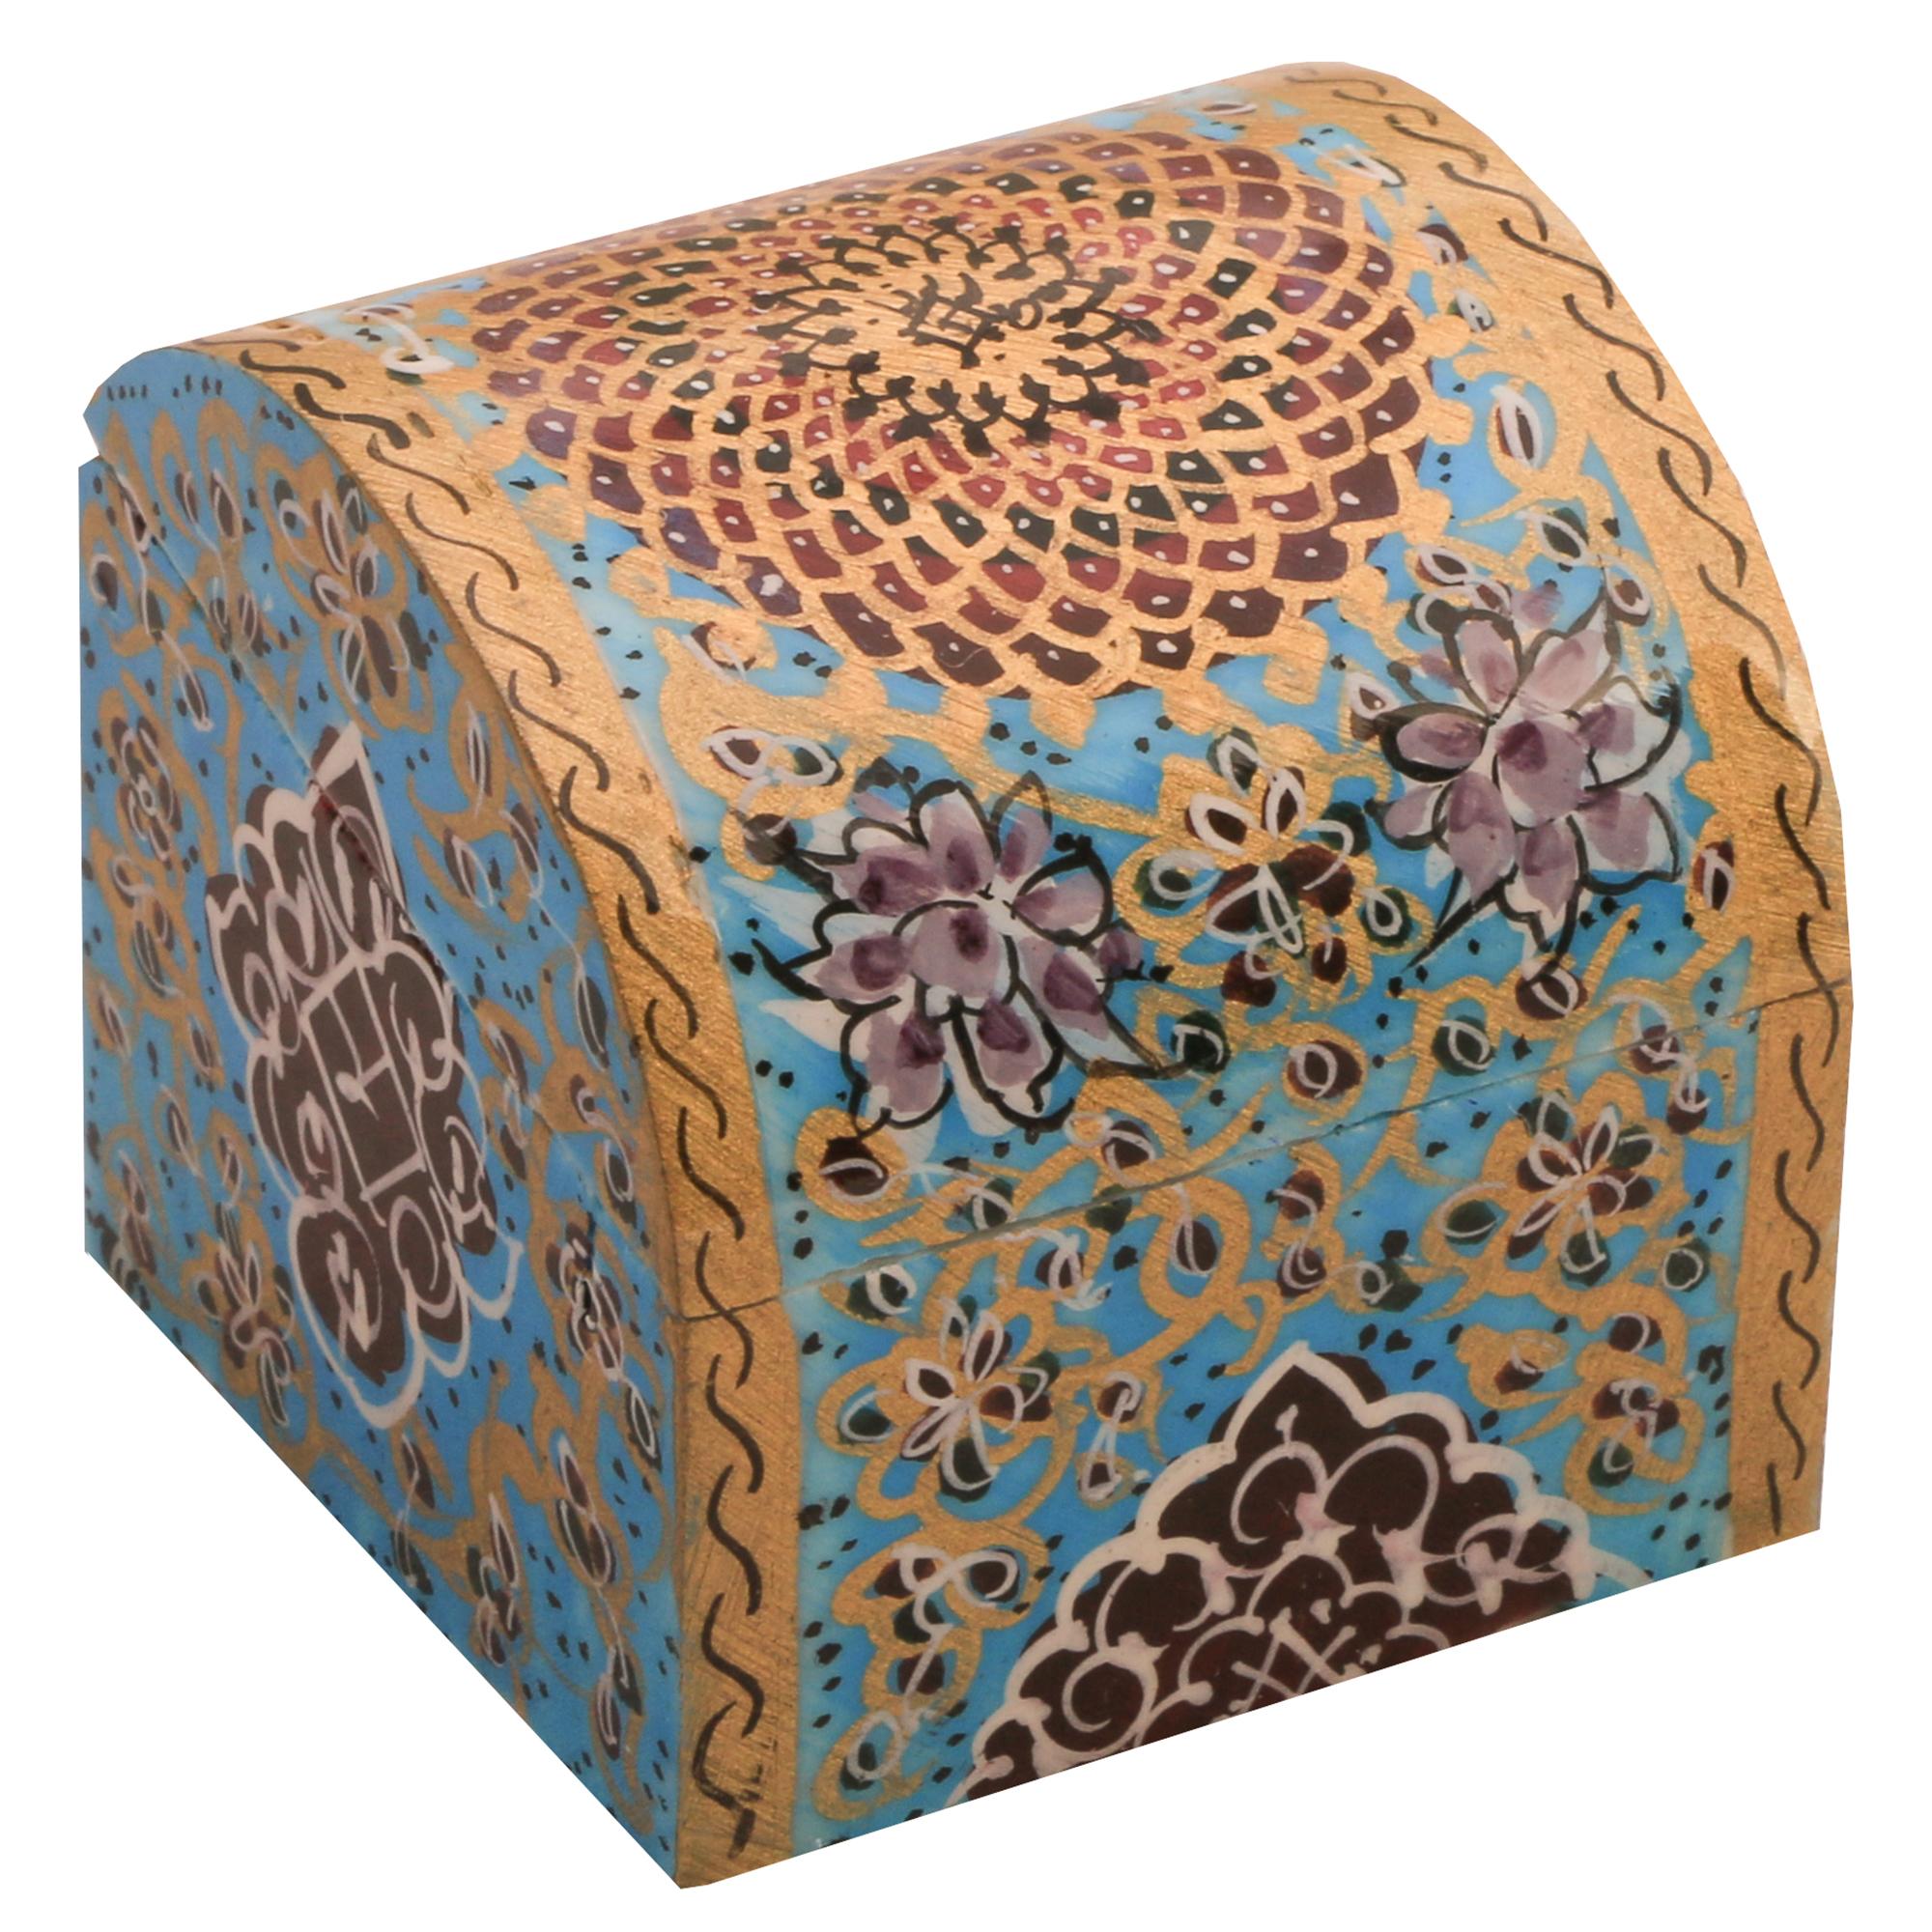 جعبه جواهرات استخوانی کد 1091